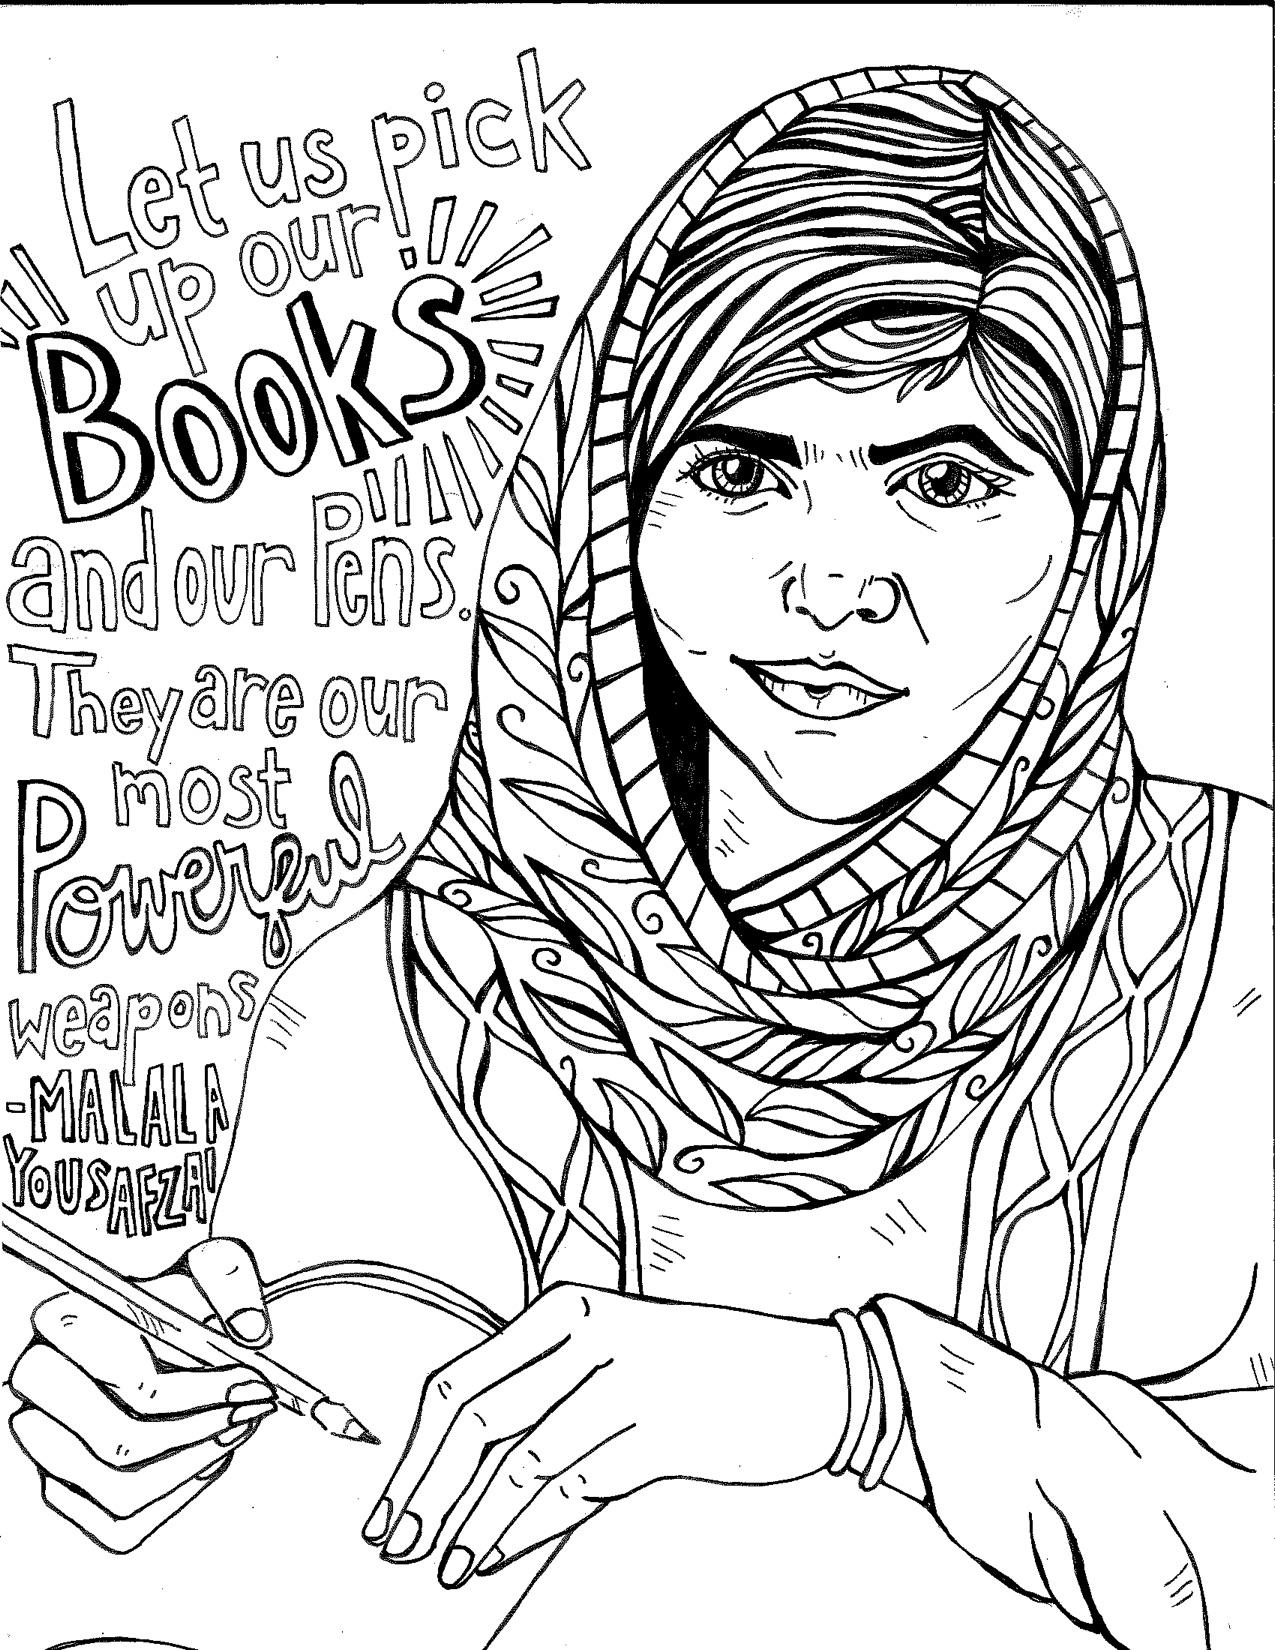 MalalaY.jpg